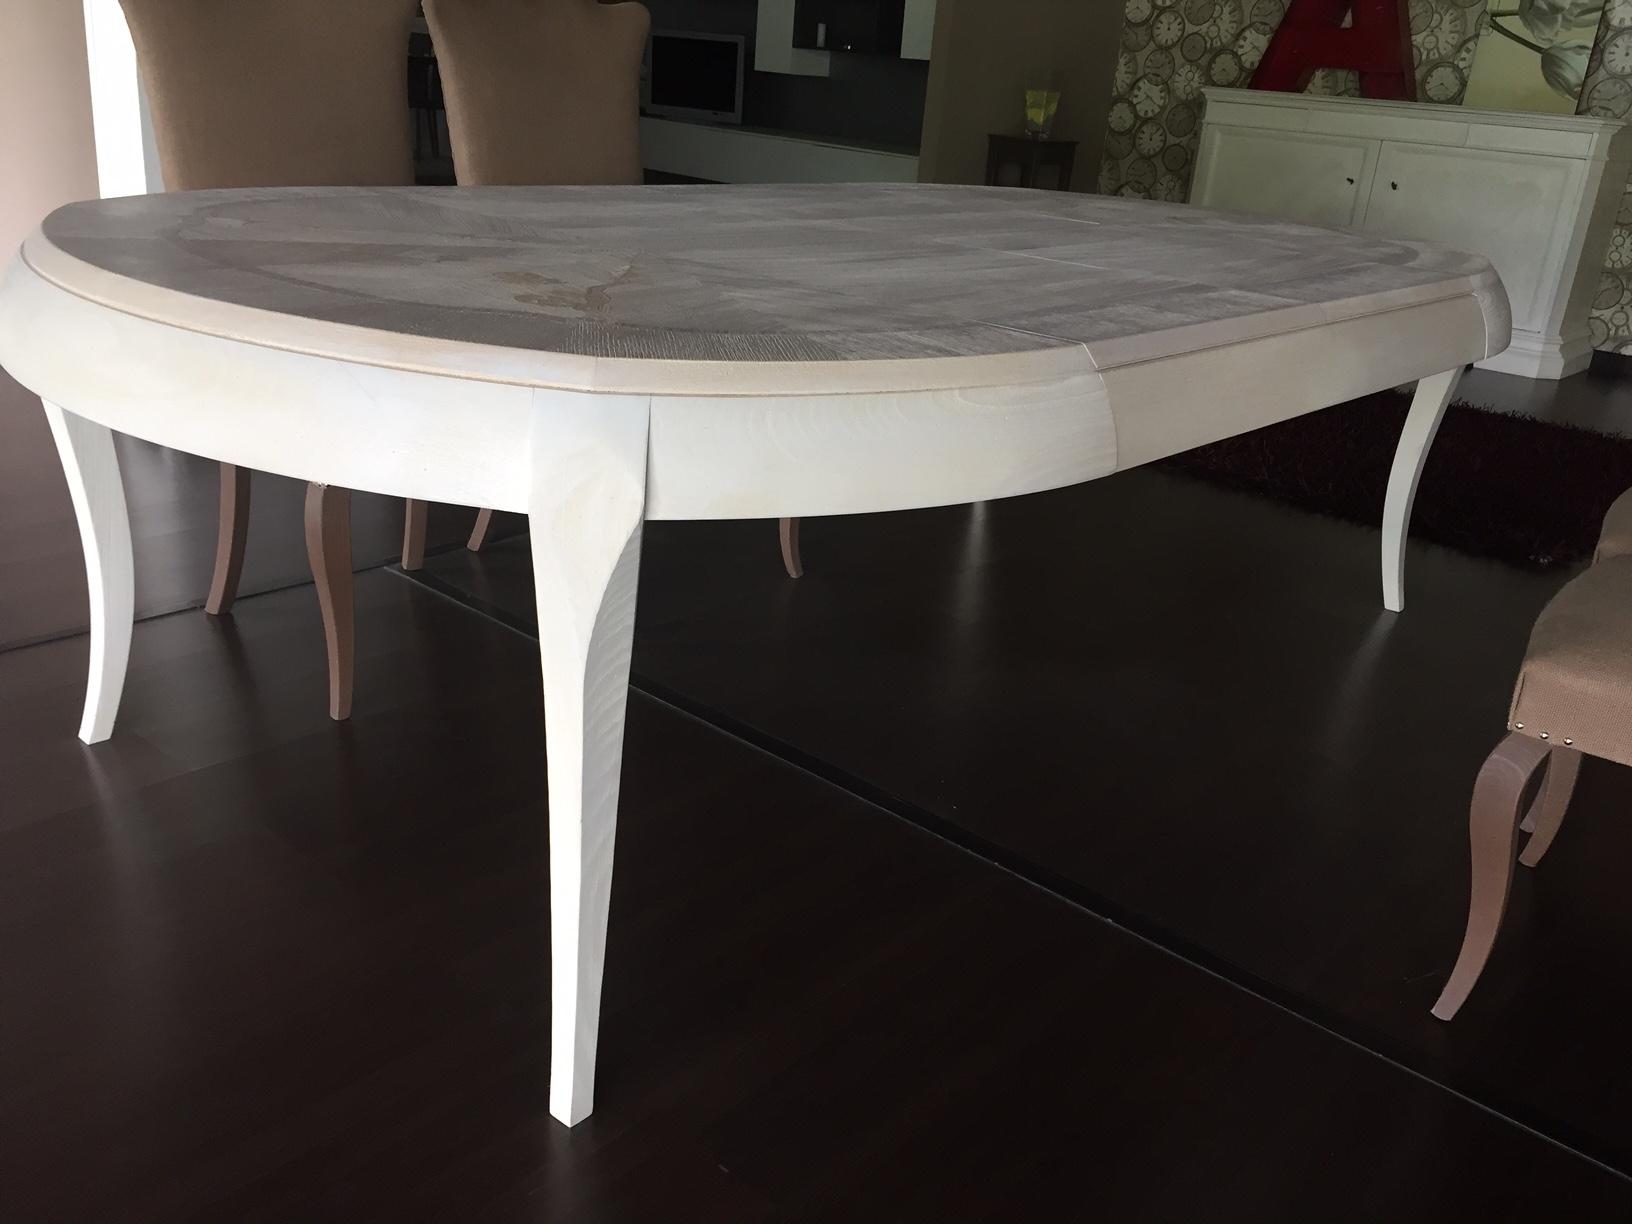 Tavolo marchetti volver rotondo allungabili tavoli a for Tavoli rotondi moderni allungabili